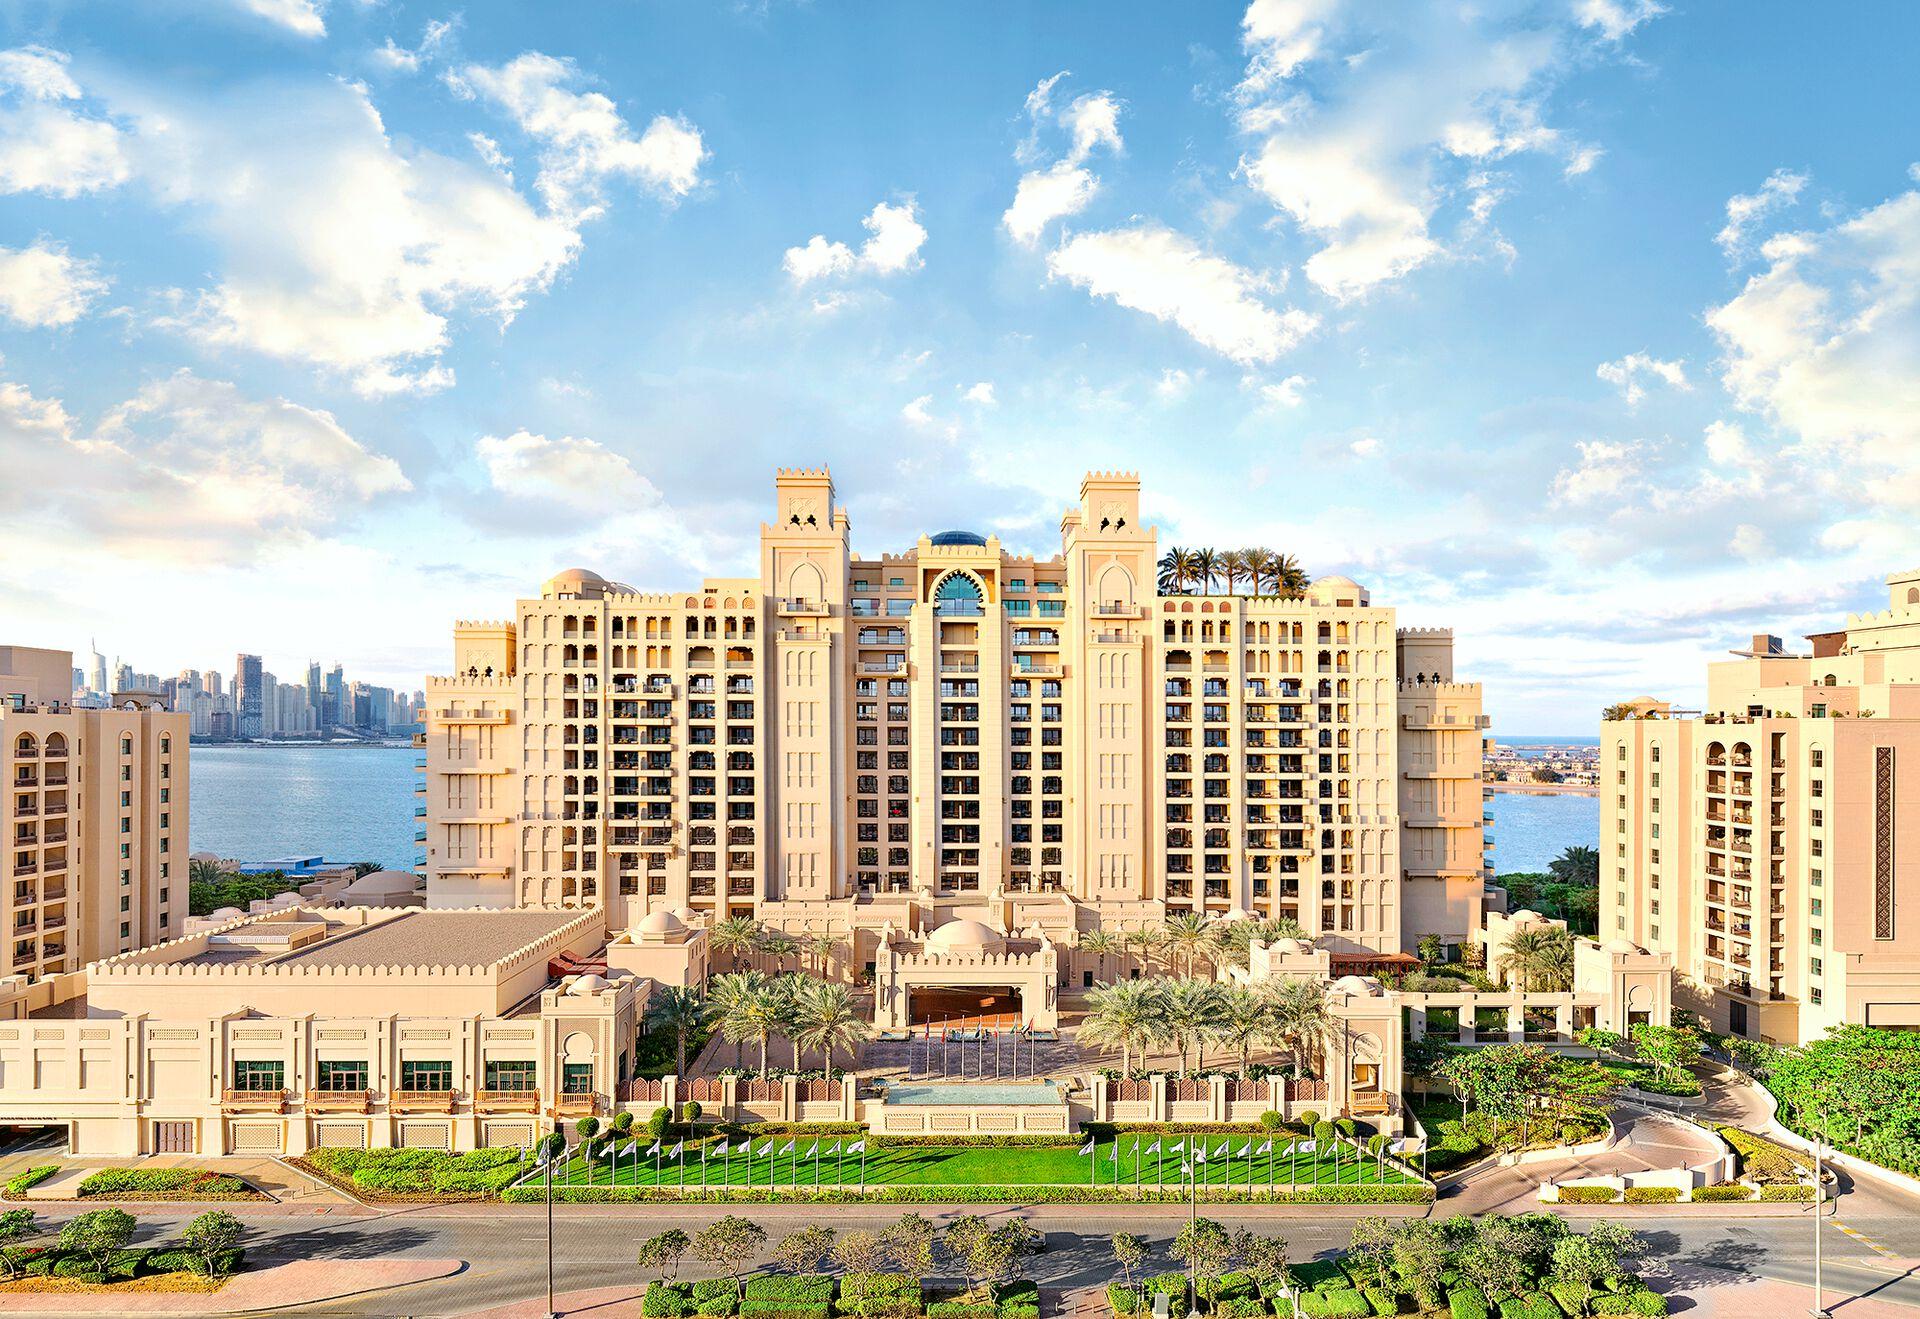 Séjour Emirats Arabes Unis - Fairmont The Palm - 5*